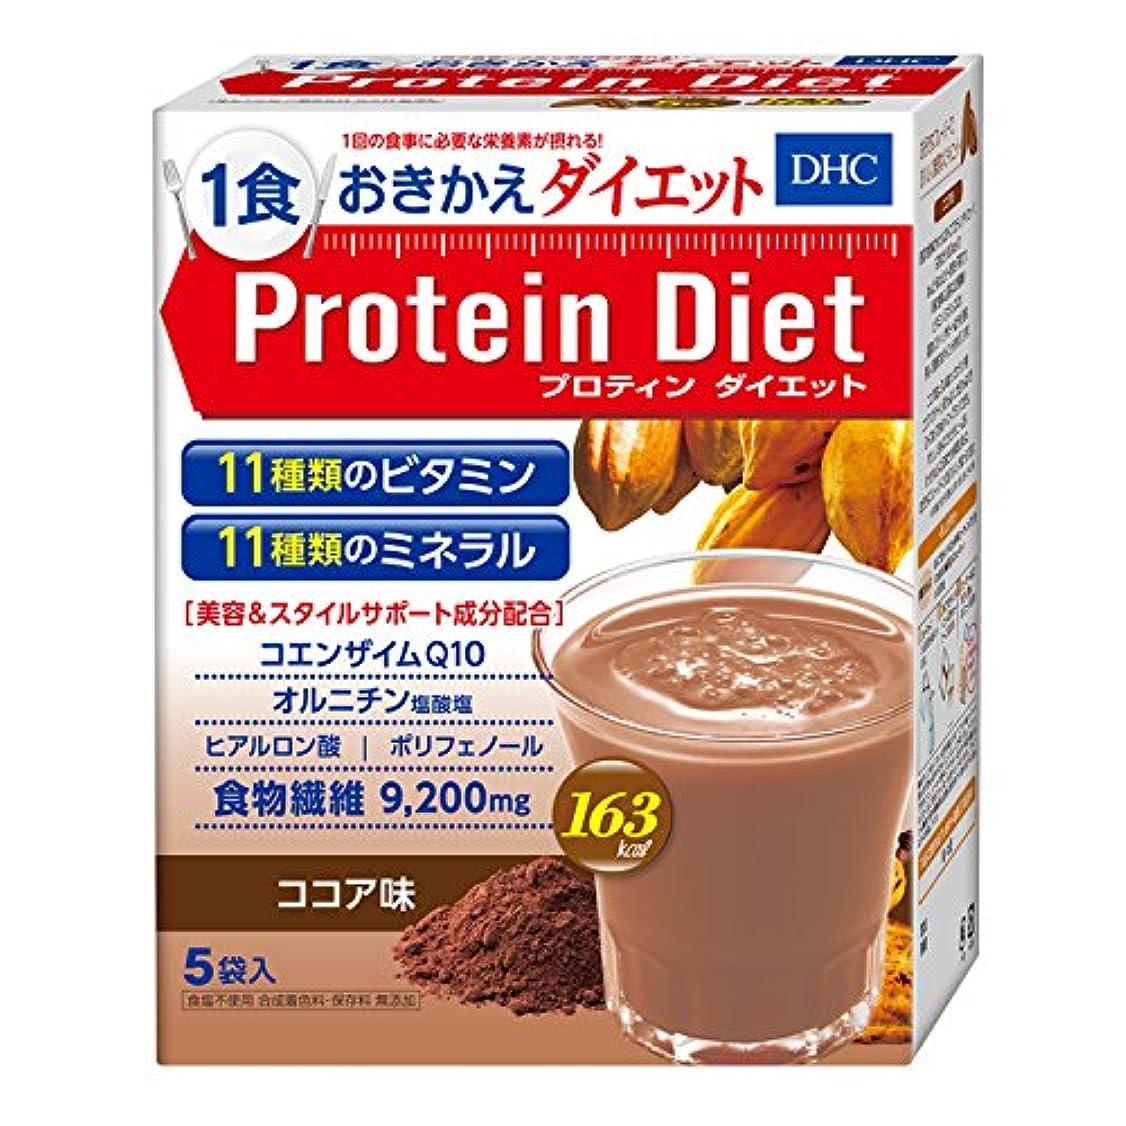 敬天の口ひげDHCプロティンダイエット(ココア味)